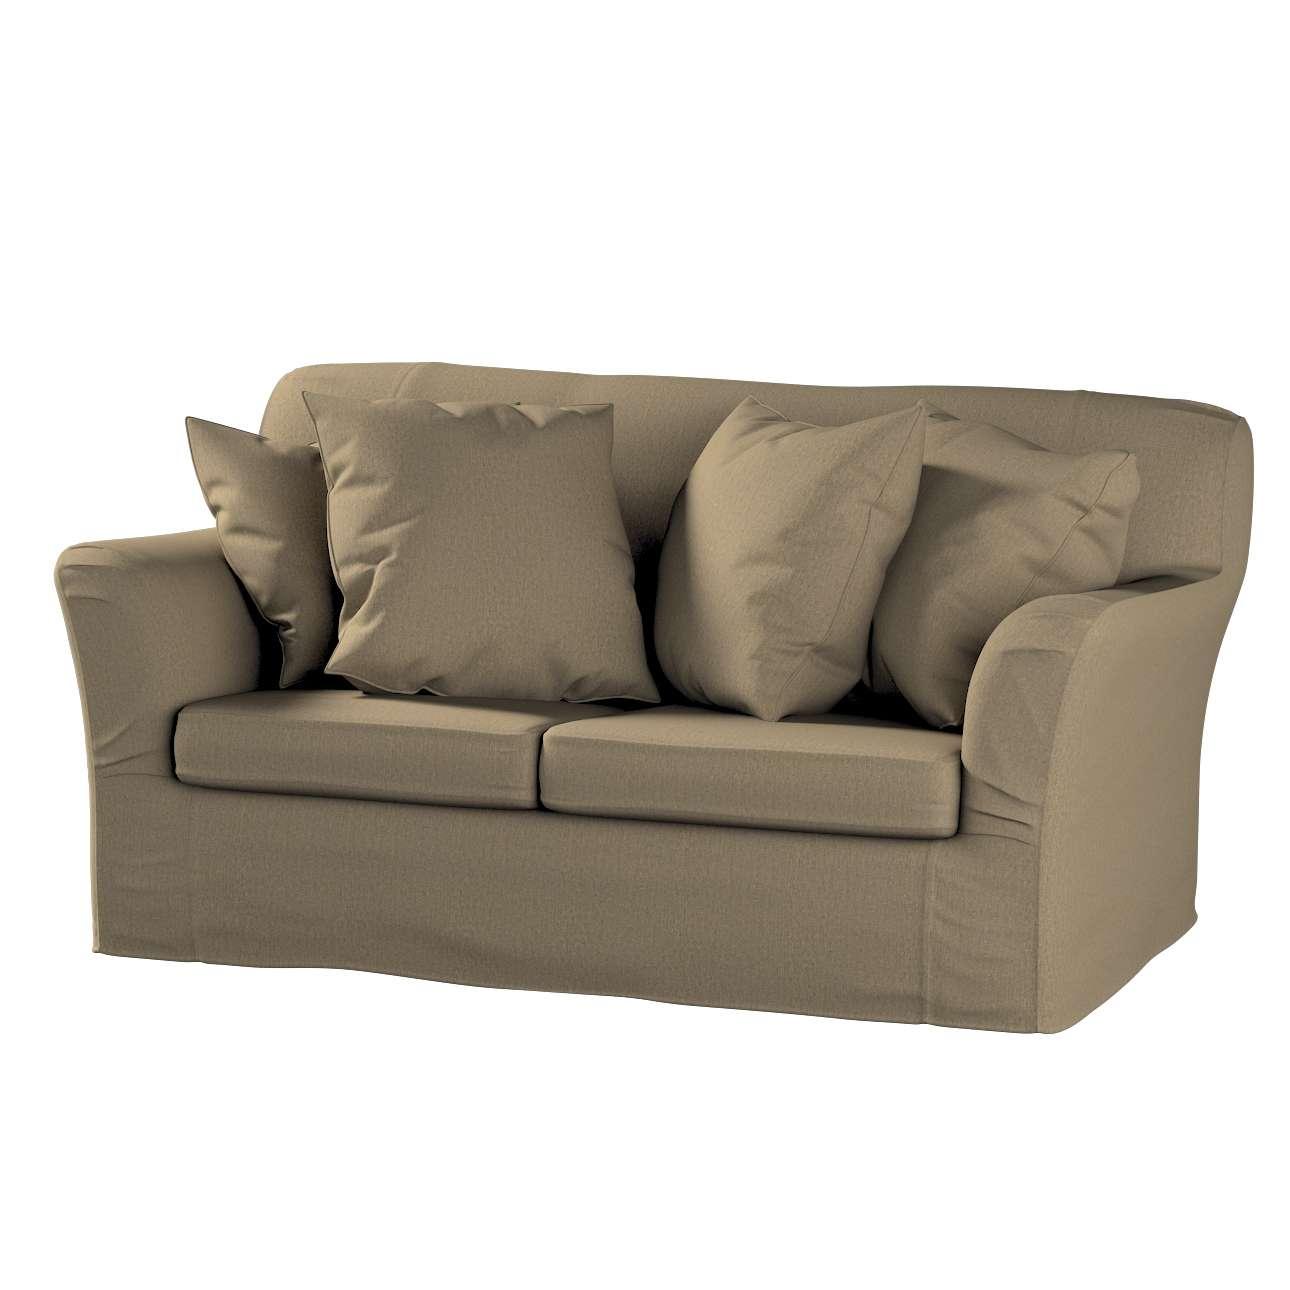 Pokrowiec na sofę Tomelilla 2-osobową nierozkładaną Sofa Tomelilla 2-osobowa w kolekcji Chenille, tkanina: 702-21